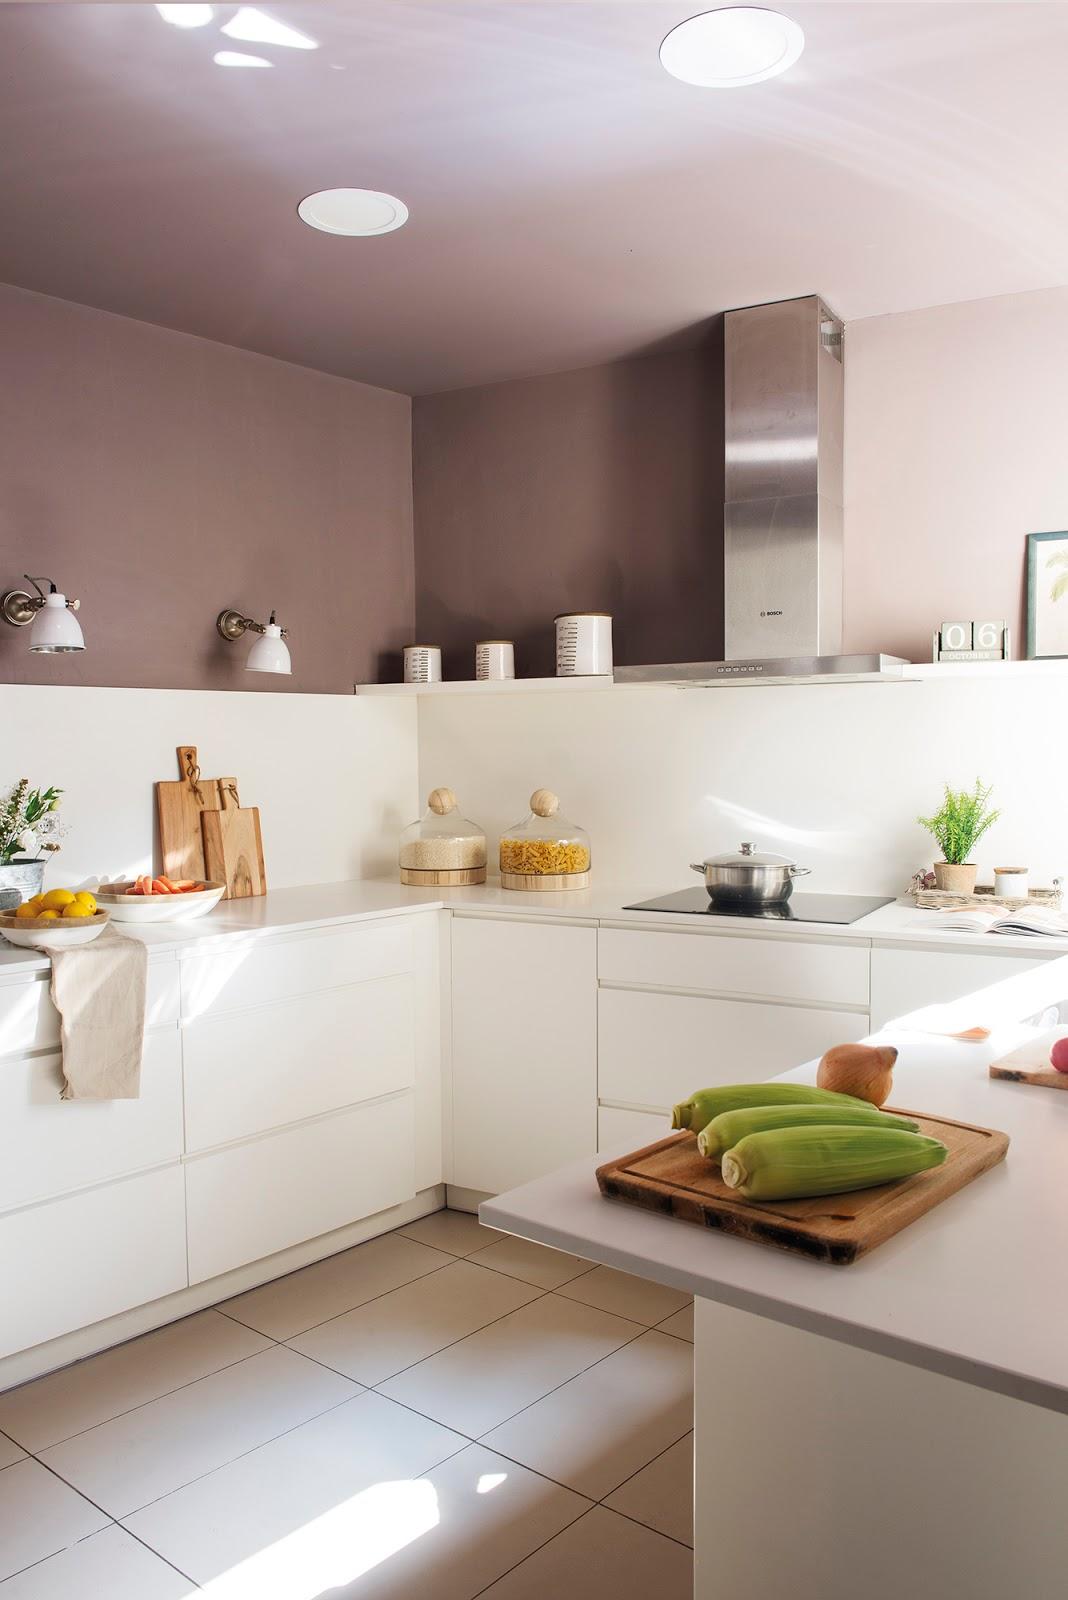 Cepaynasi - Pintura para muebles de cocina ...